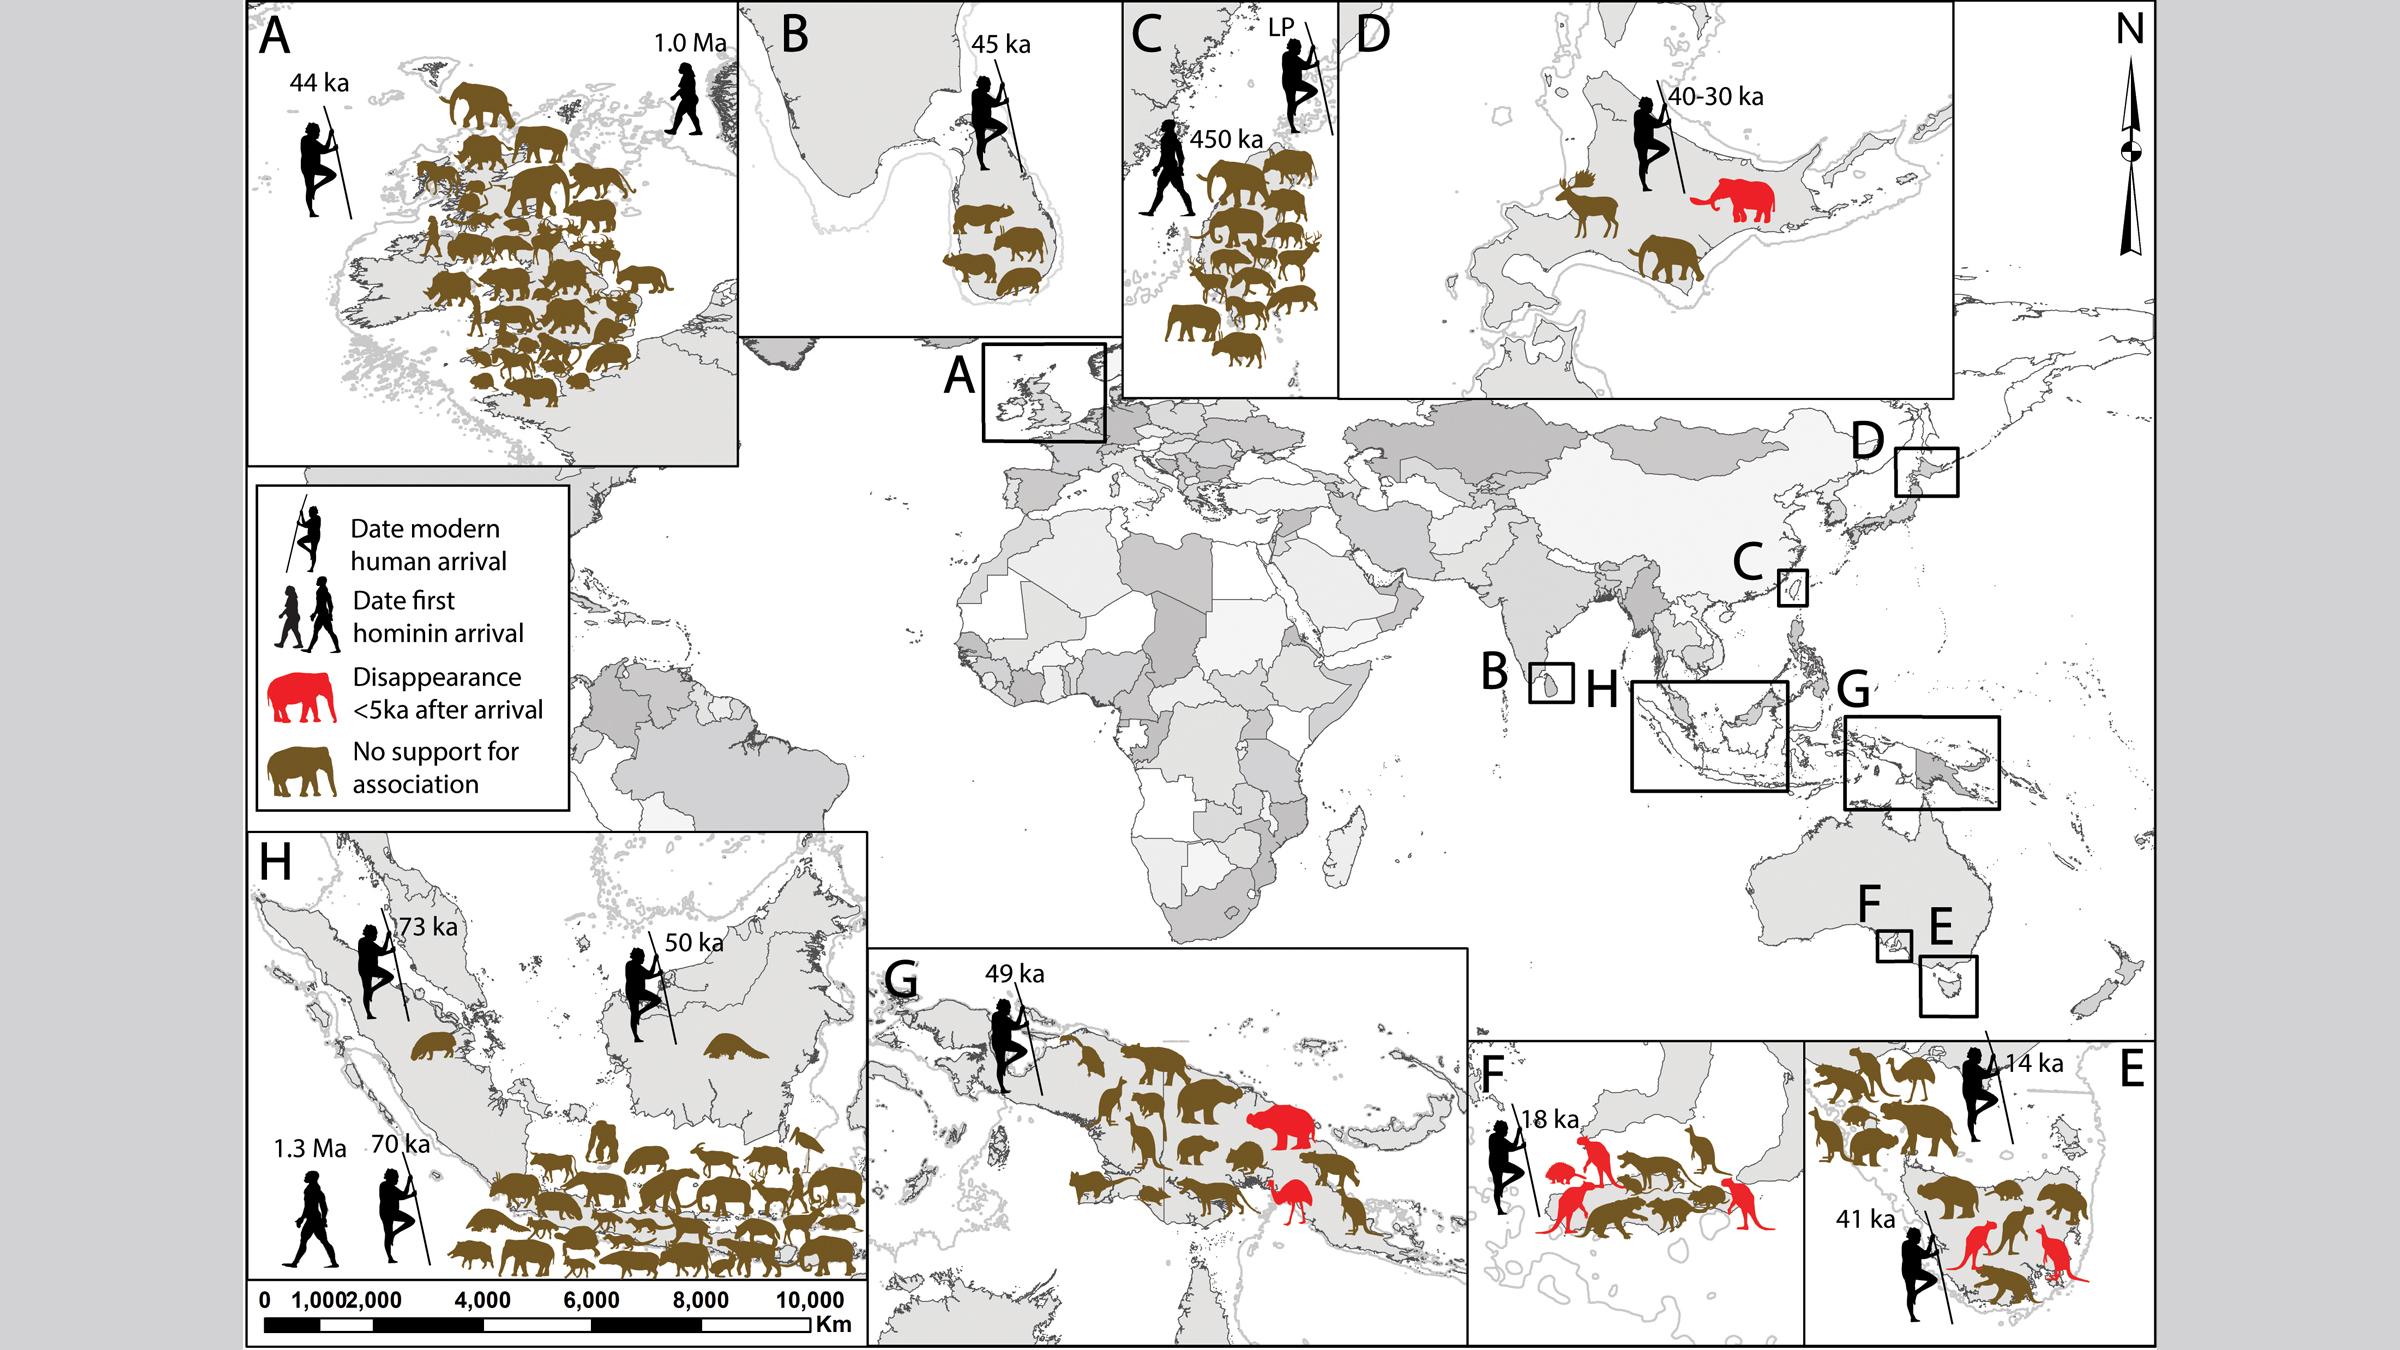 Groupes d'îles continentales (terres qui étaient reliées aux continents à des moments de l'histoire, mais qui sont maintenant des îles) qui ont des preuves d'hominidés du Pléistocène et d'extinction animale.  Dans le sens des aiguilles d'une montre à partir du haut se trouvent (A) la Grande-Bretagne;  (B) Sri Lanka;  (C) Taiwan;  (D) Hokkaido;  (E) King Island et Tasmanie;  (F) Île Kangourou;  (G) Nouvelle-Guinée;  et (H) Bornéo, Java et Sumatra.  LP, Pléistocène tardif